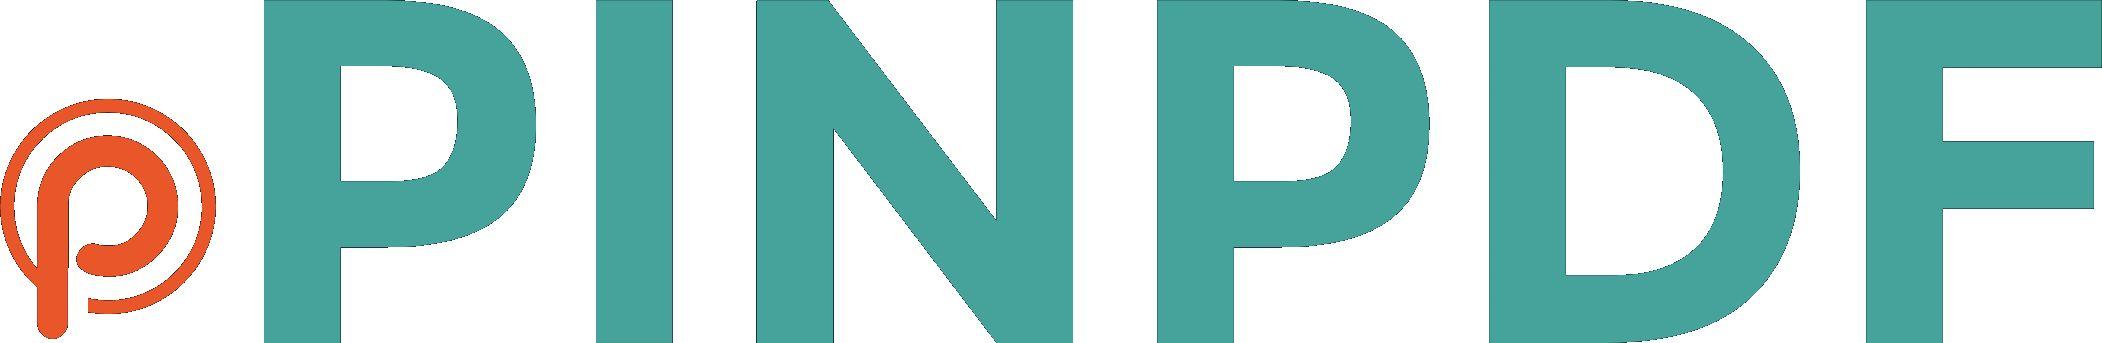 pinpdf logo